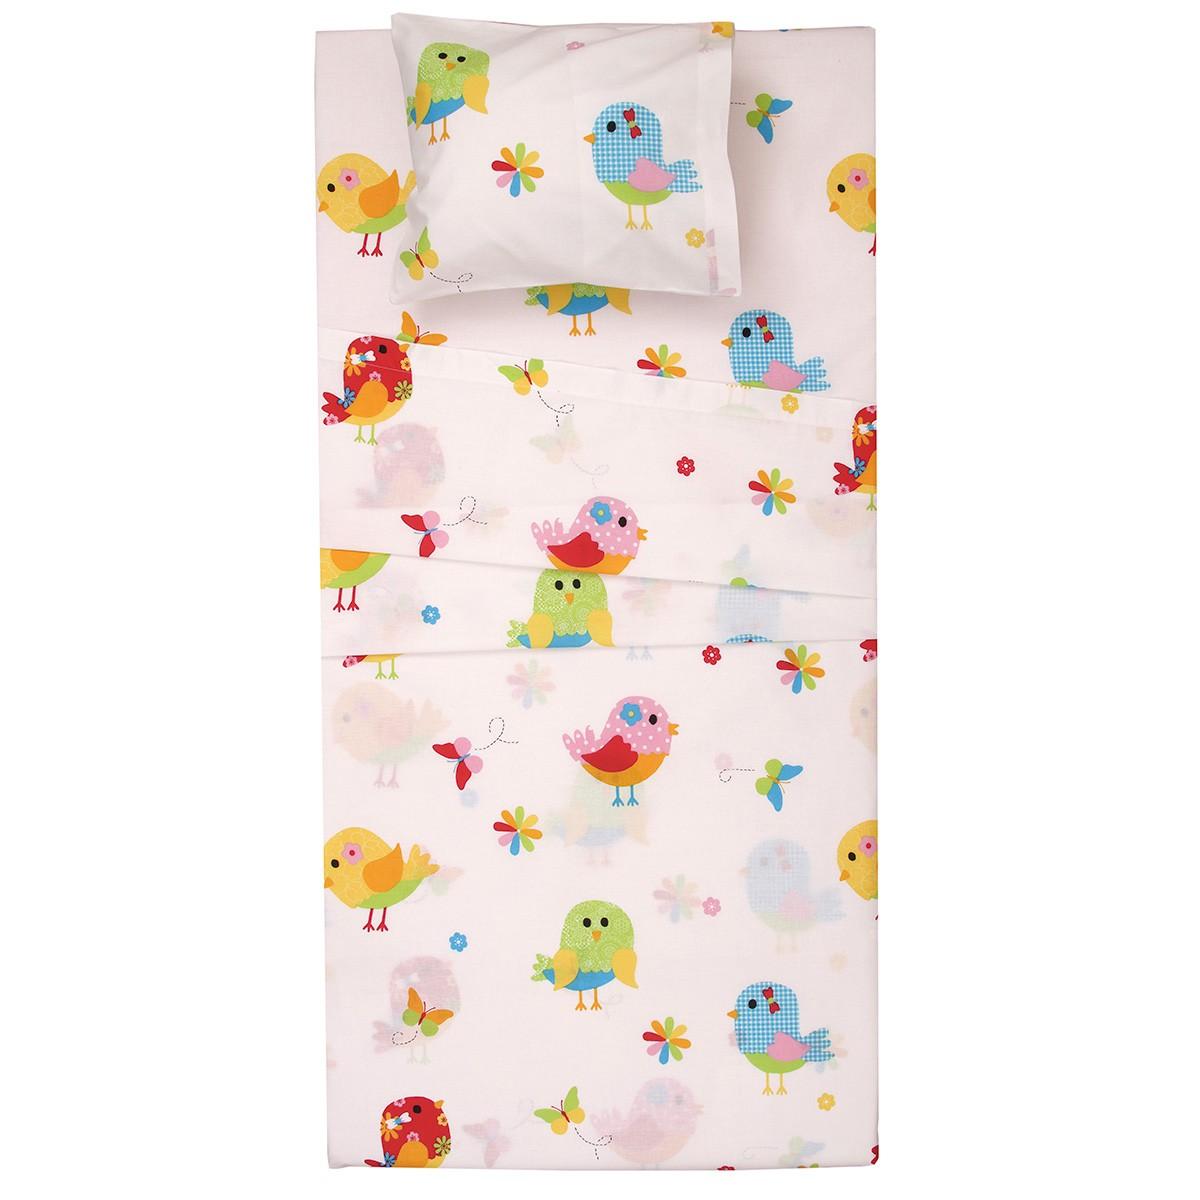 Πάπλωμα Κούνιας (Σετ) Viopros Baby Cotton Μπέρντι